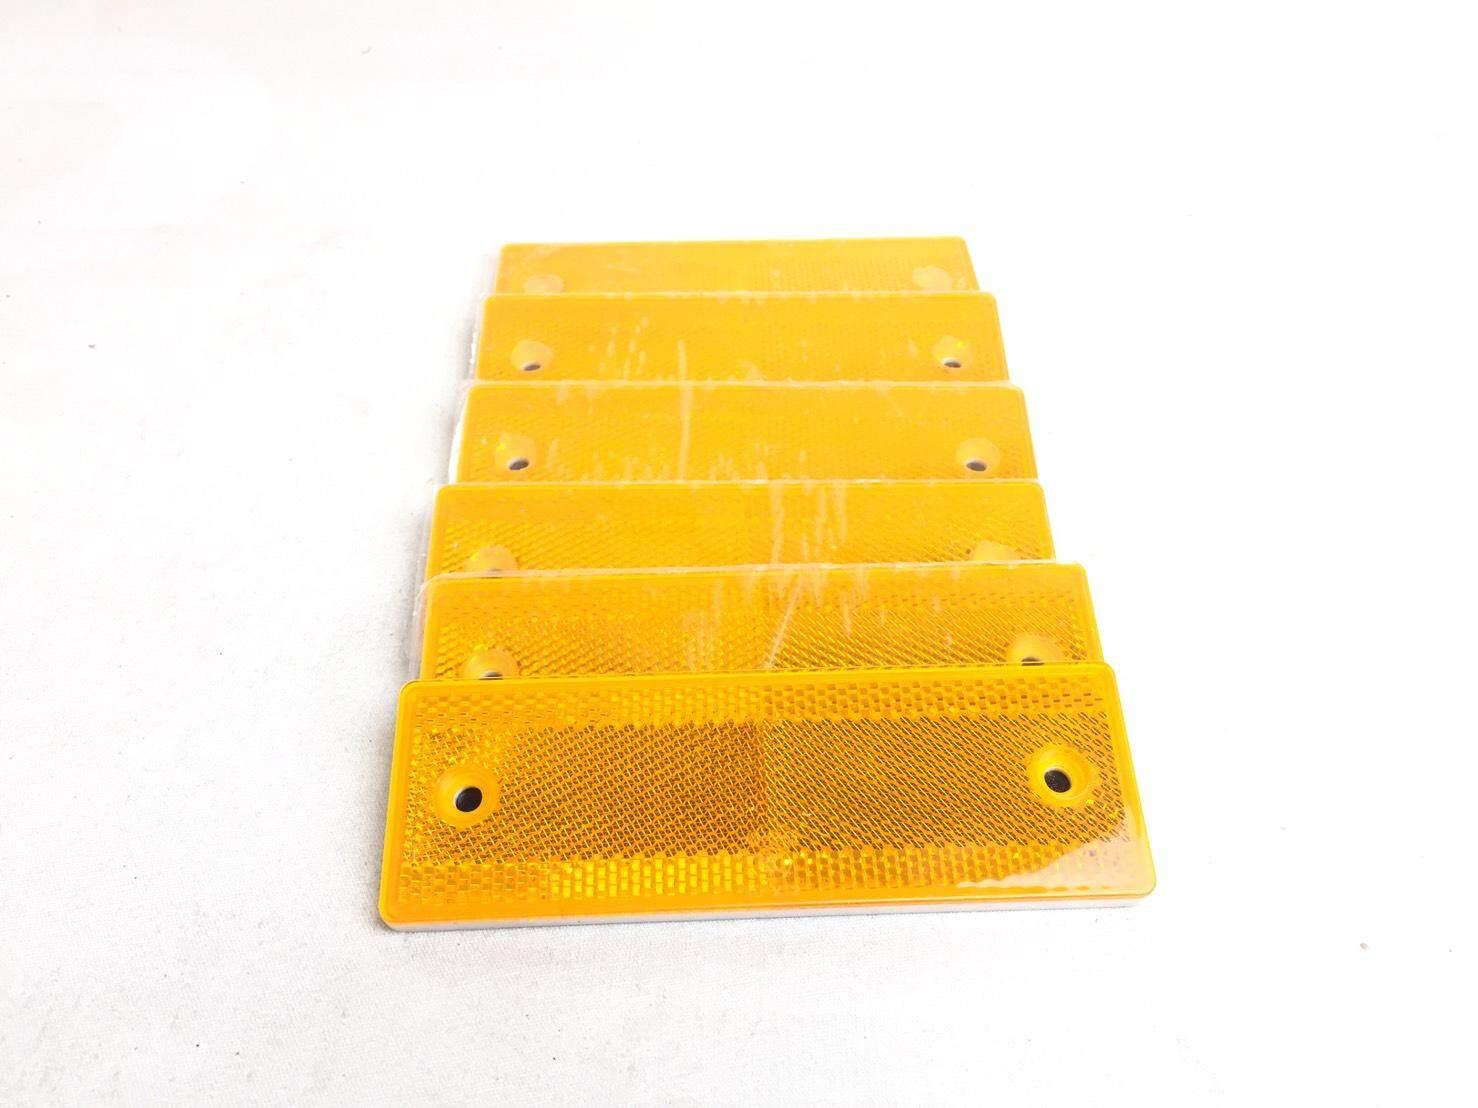 ทับทิมสะท้อนแสงสีเหลืองเกรด A แบบเจาะรู 6 ชิ้น ยังไม่มีคะแนน By Leesuperlucky.